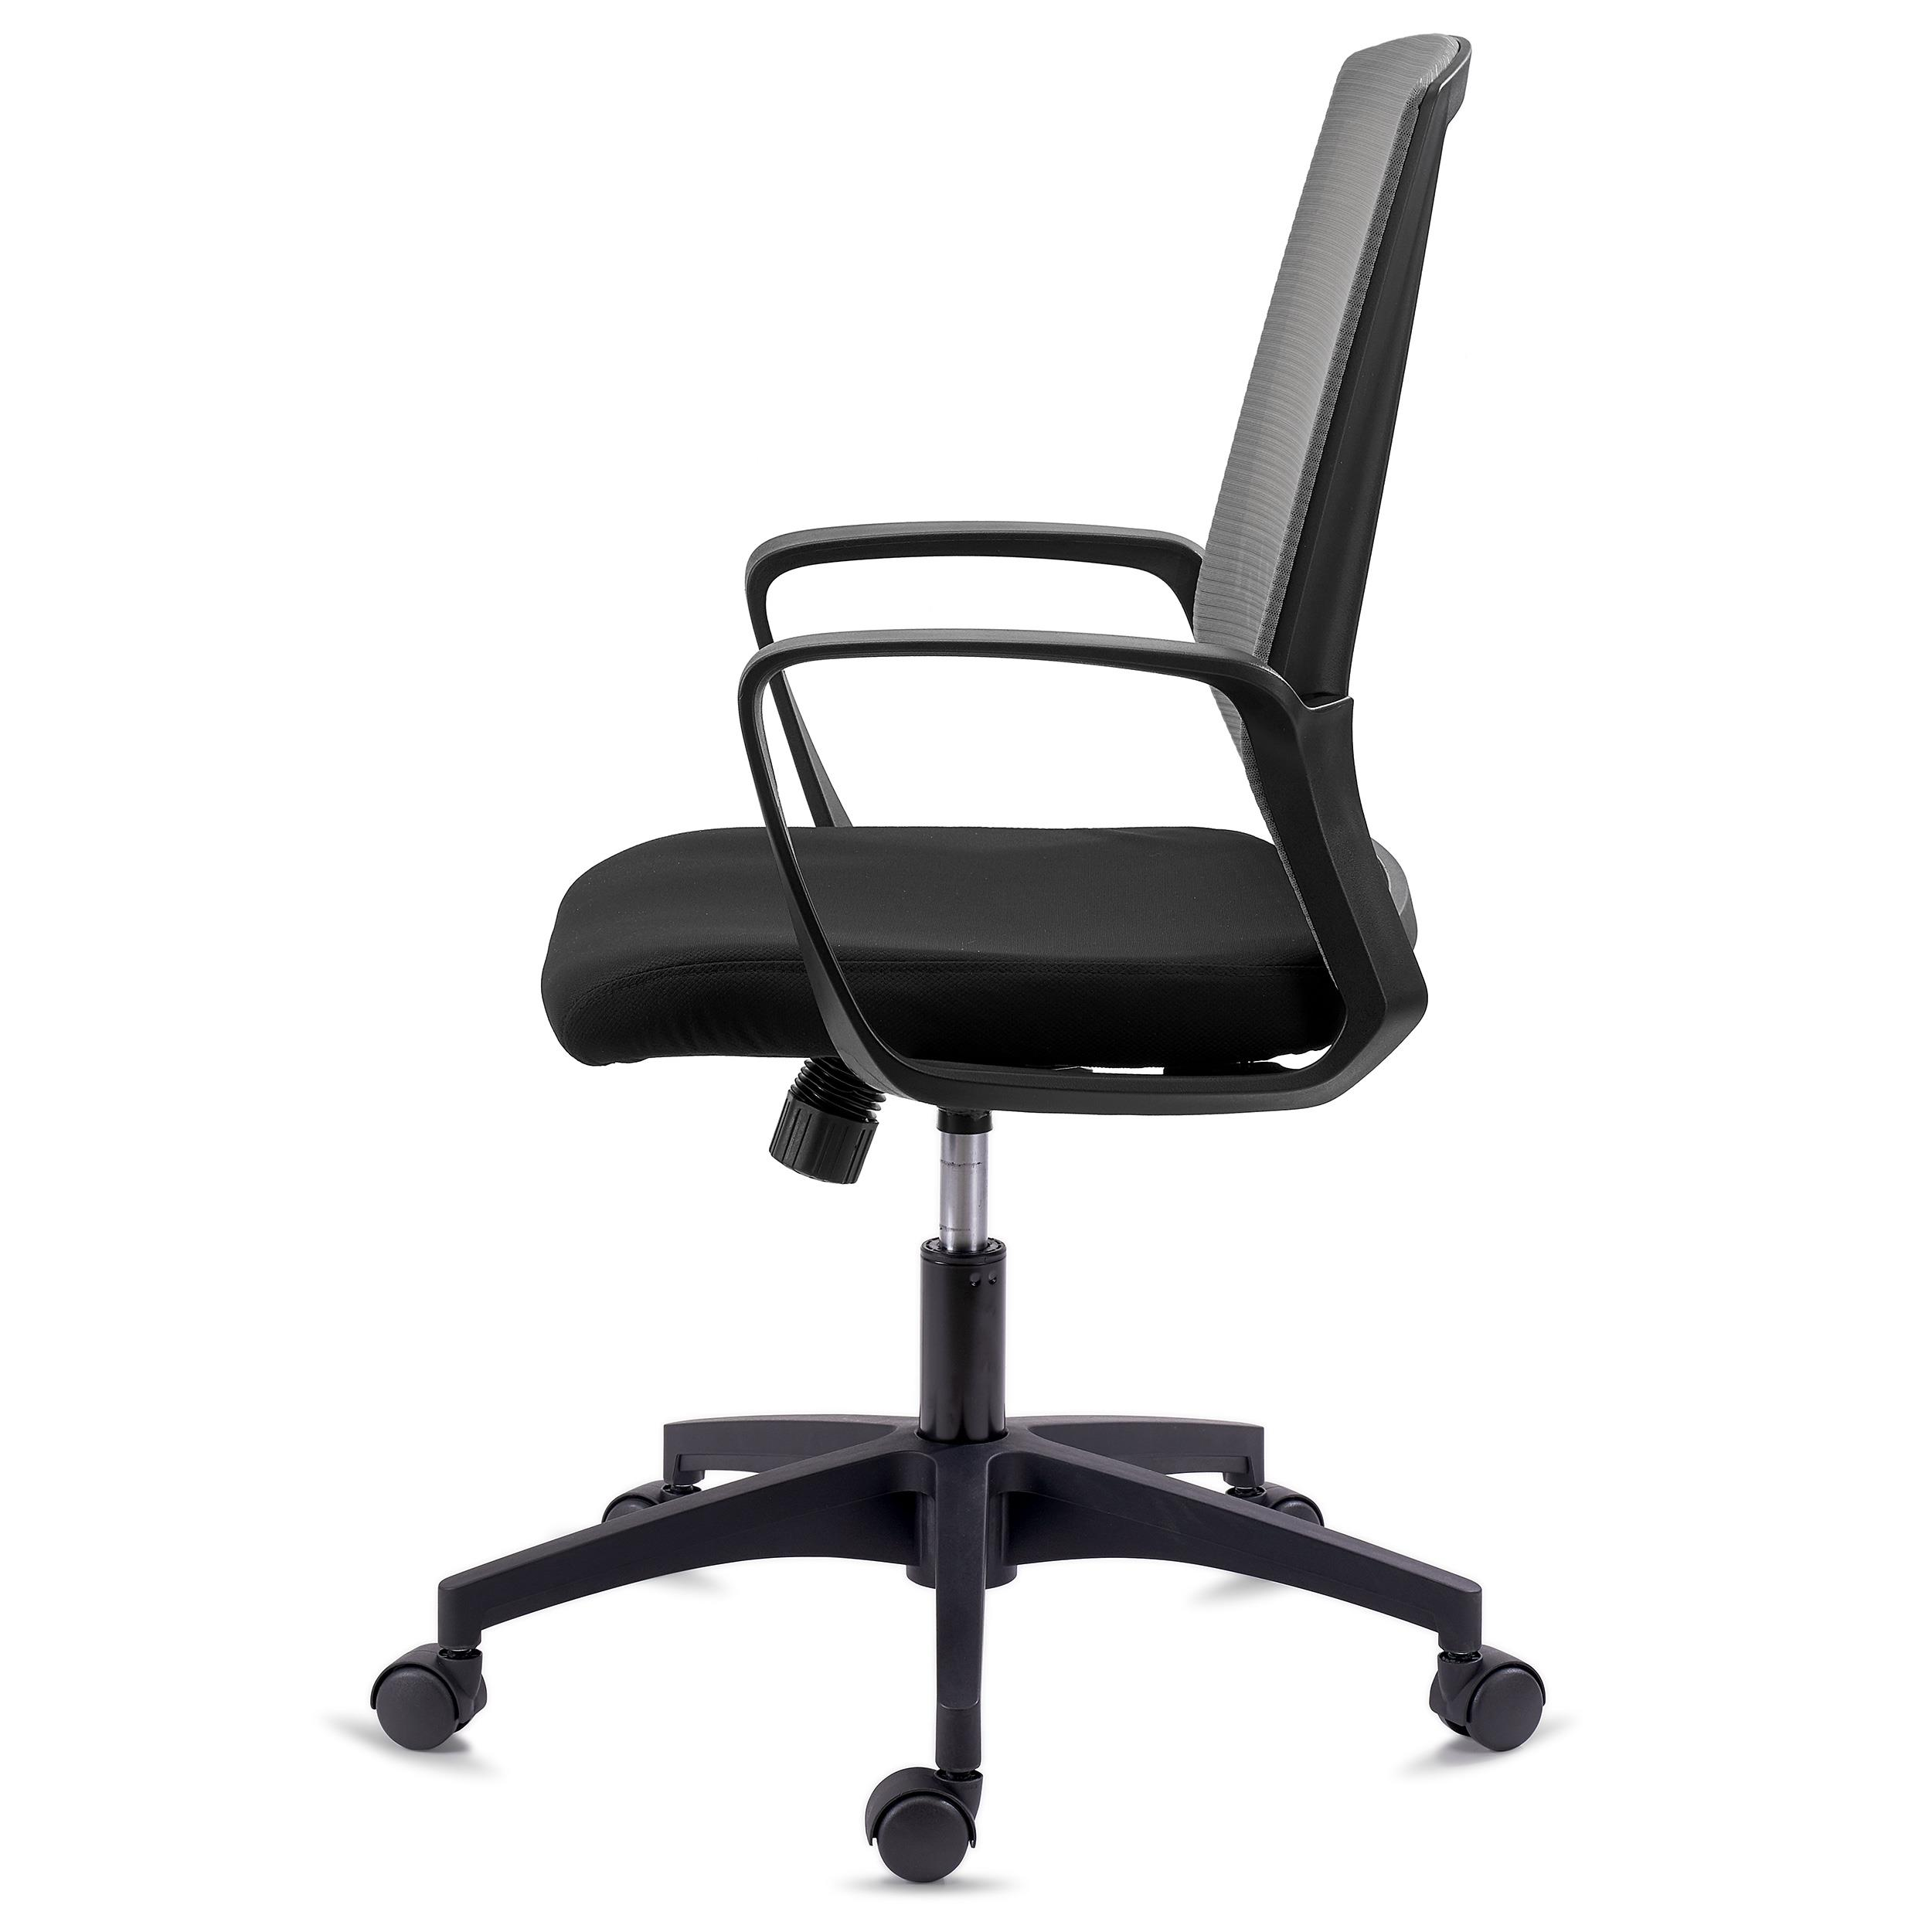 Chaise De Bureau IBIZA Confortable Et Resistante Soutien Lombaire Dossier Basculant Gris